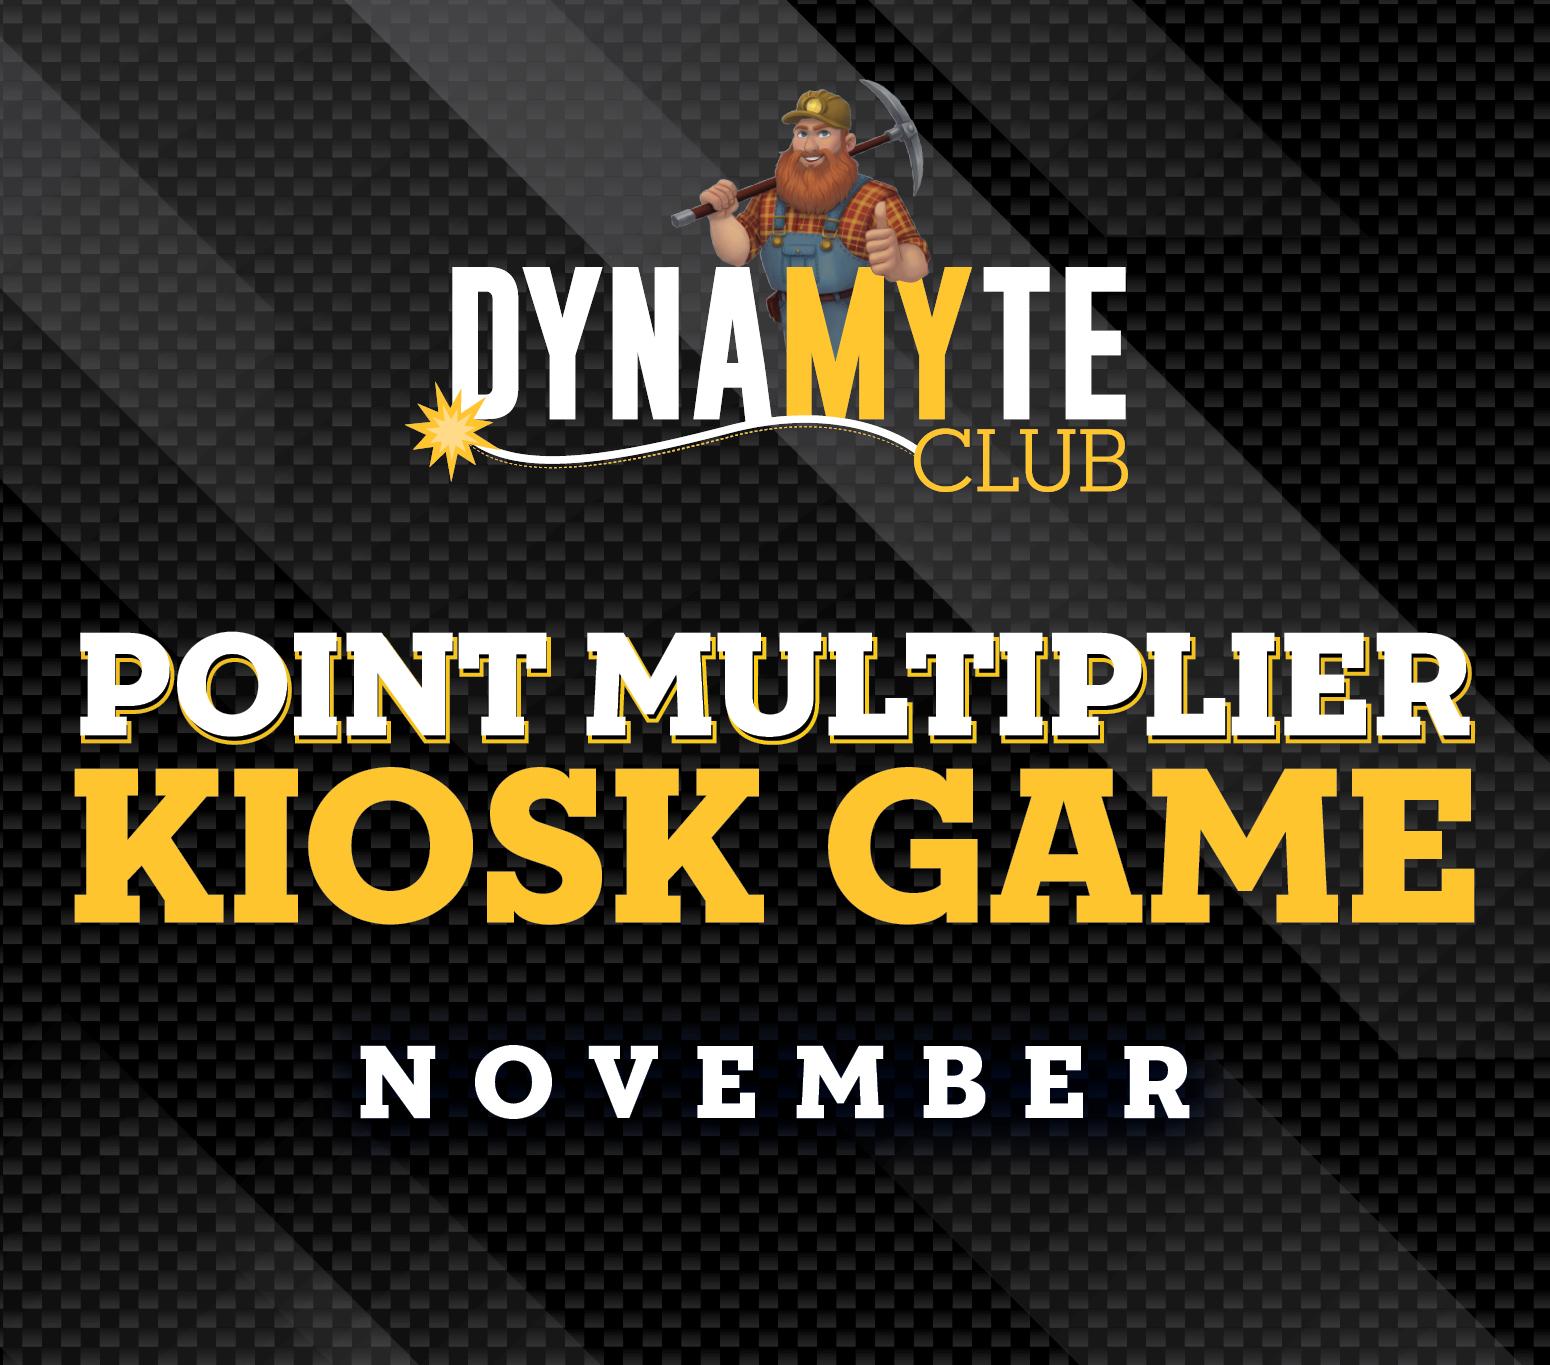 DynaMYte Club Point Multiplier Kiosk Game - November